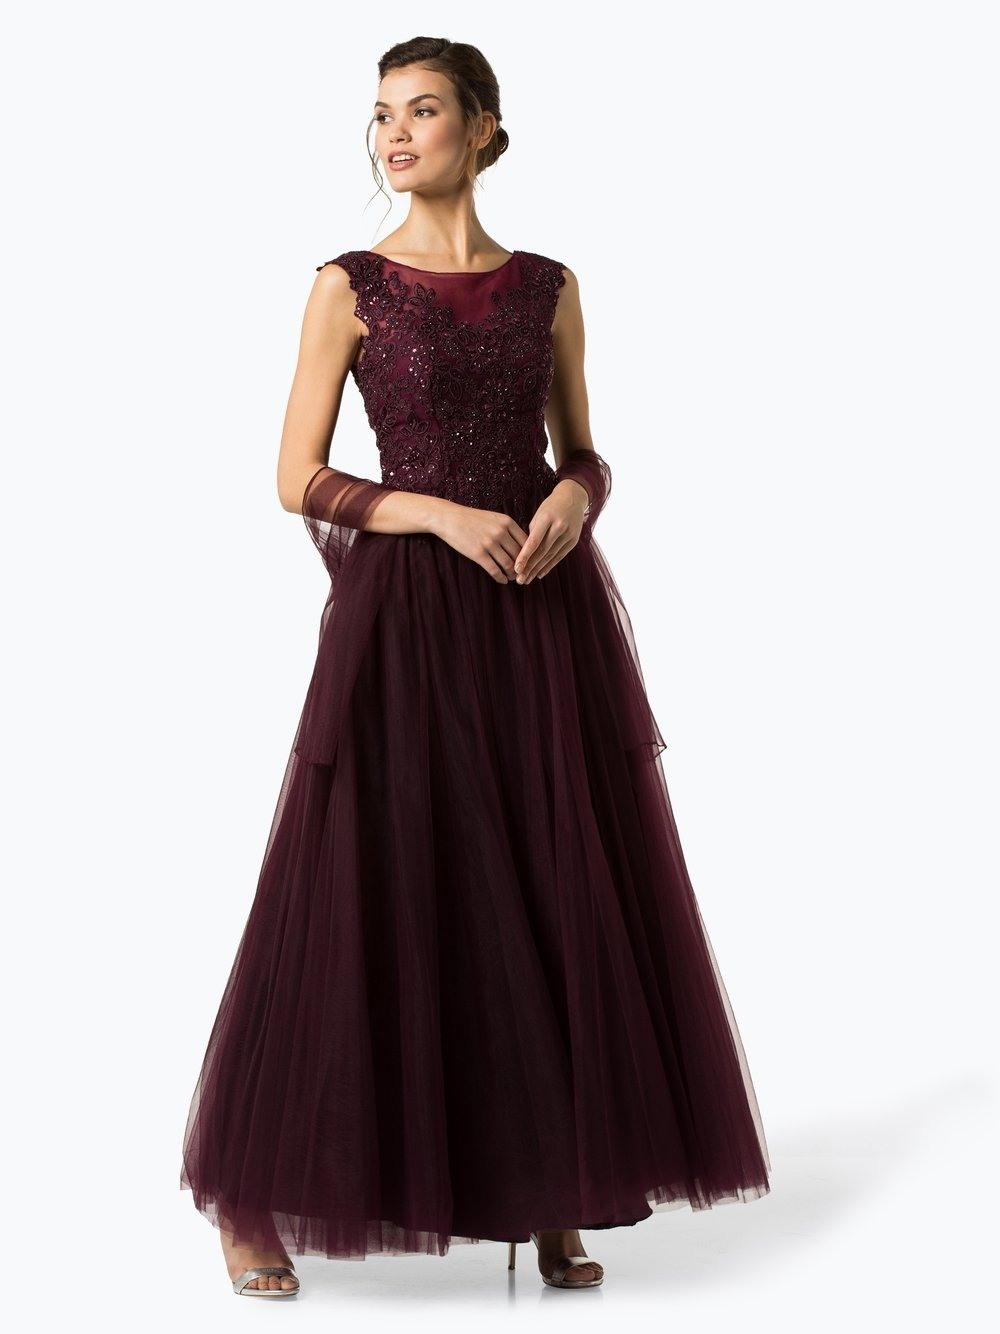 17 Einfach Abendkleider Bestellen Online DesignFormal Erstaunlich Abendkleider Bestellen Online Bester Preis